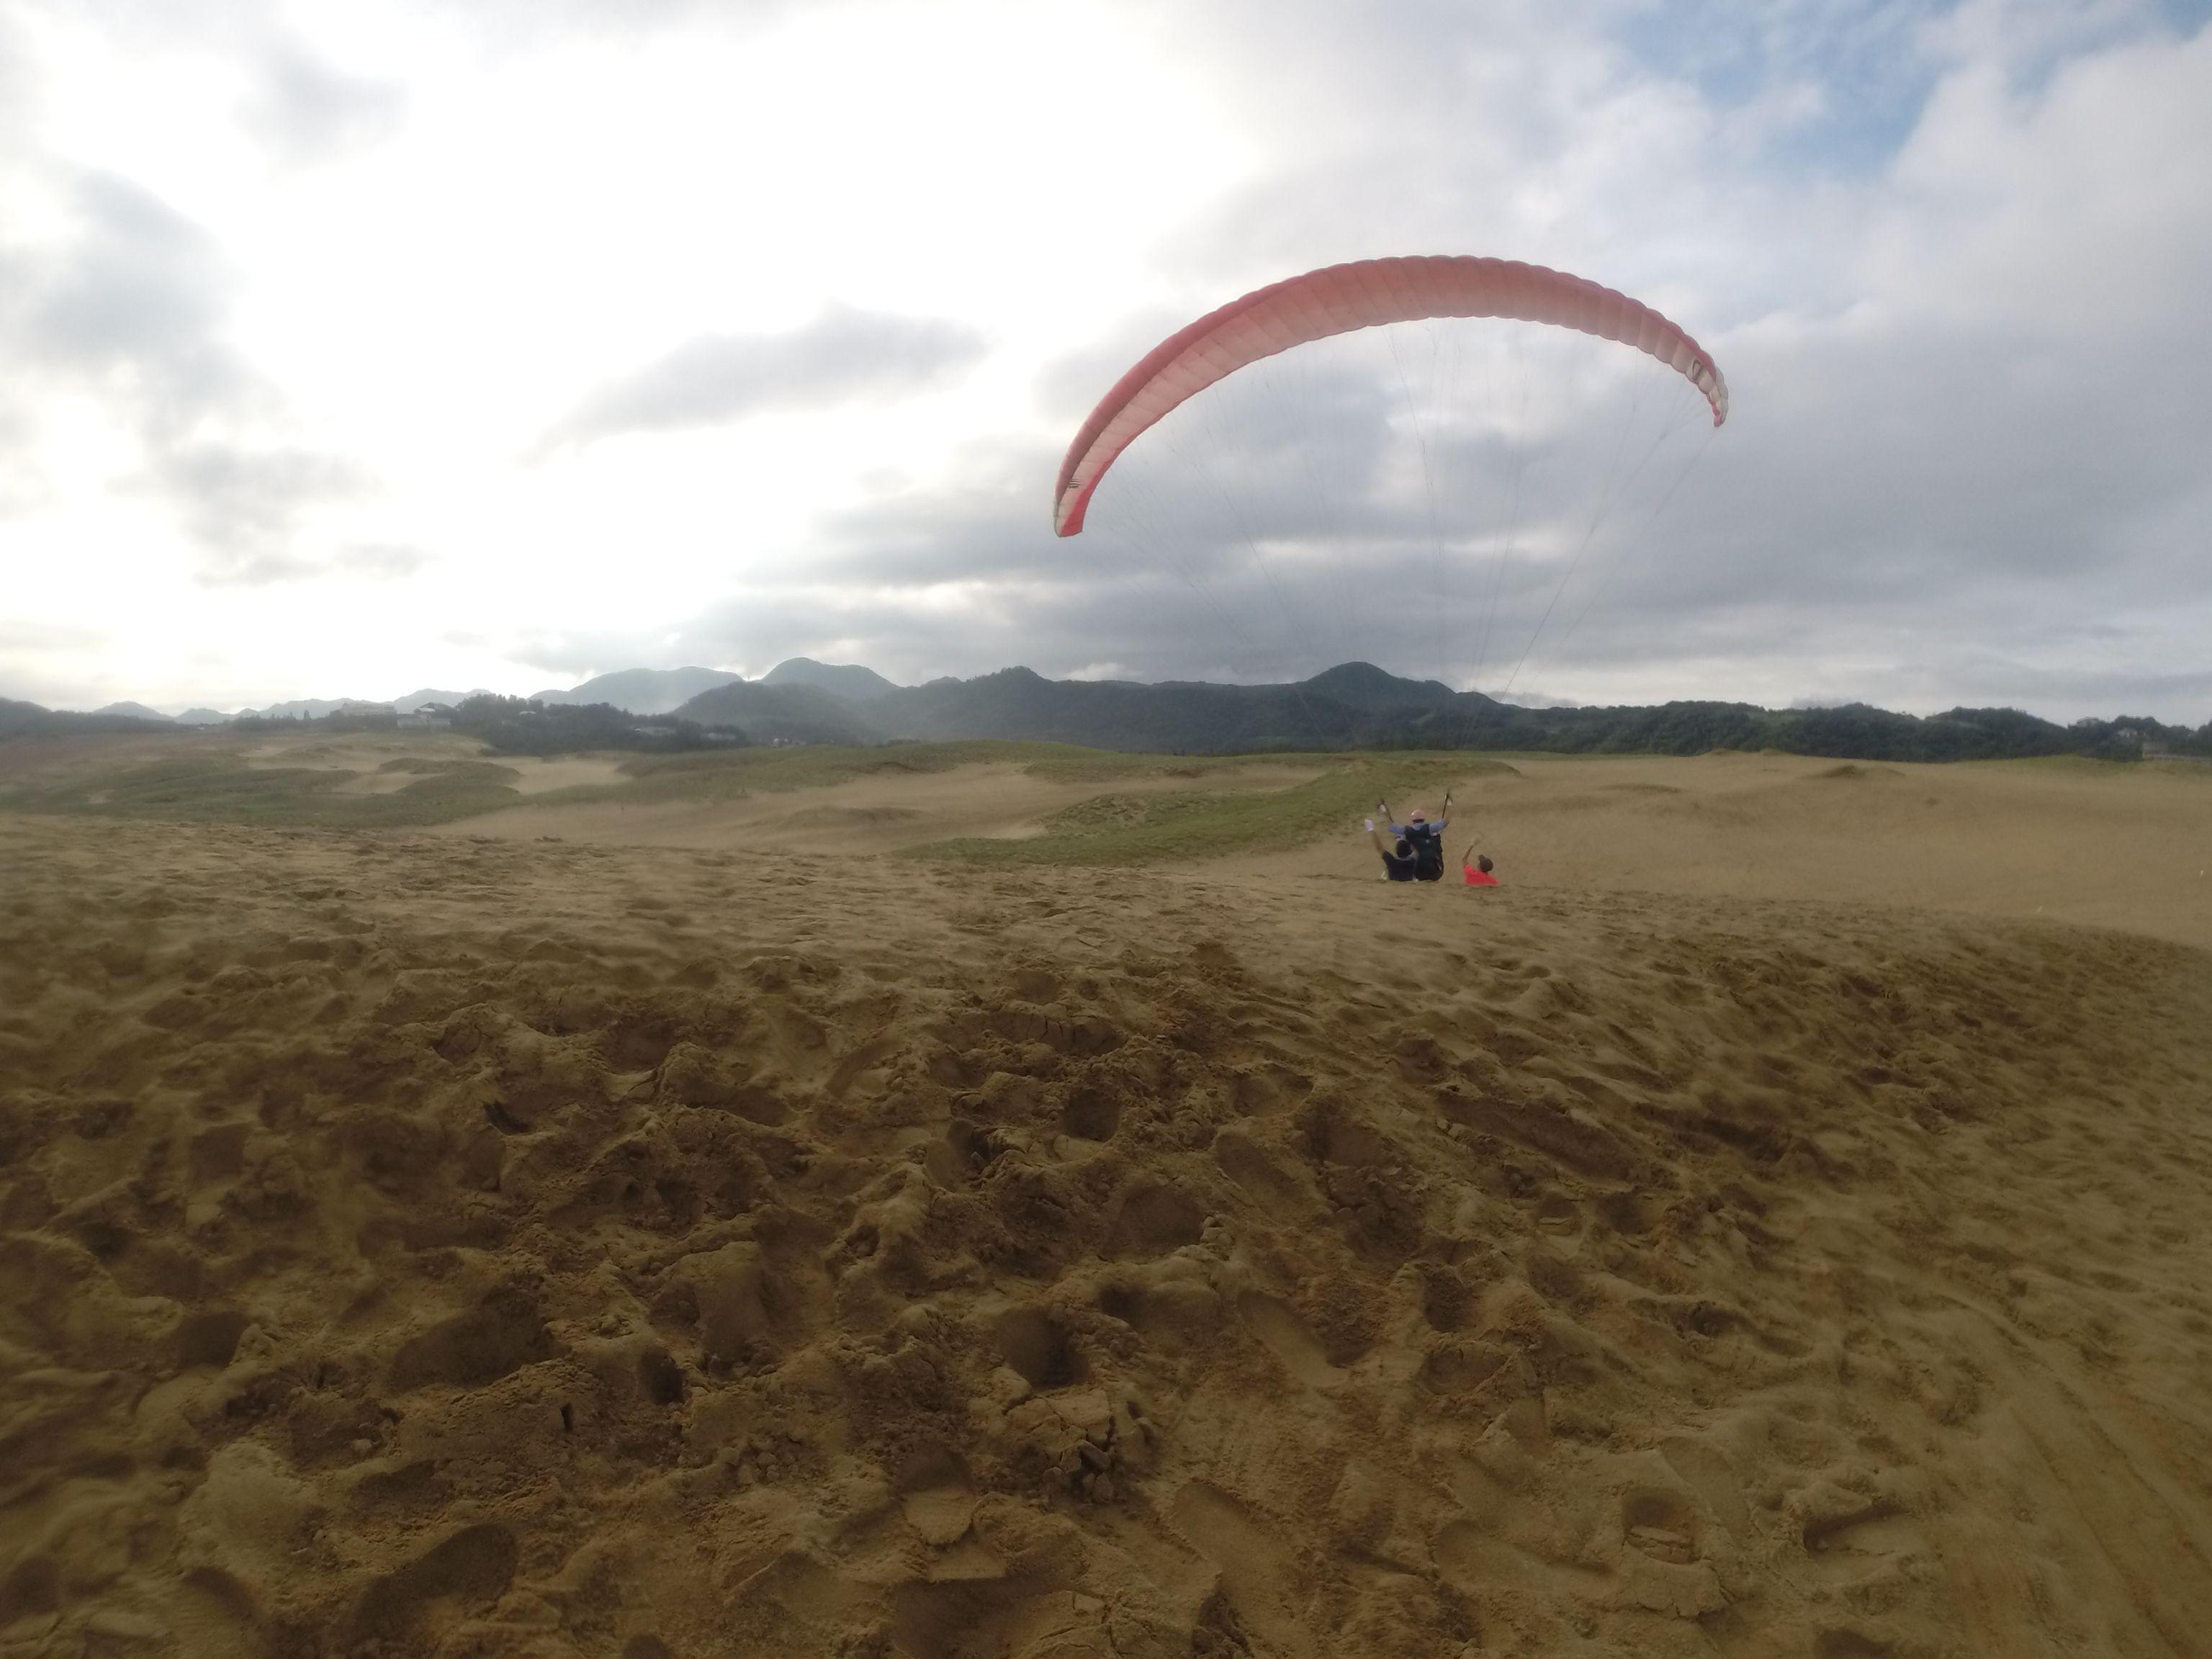 高さを生かして空高く浮かぶパラグライダー